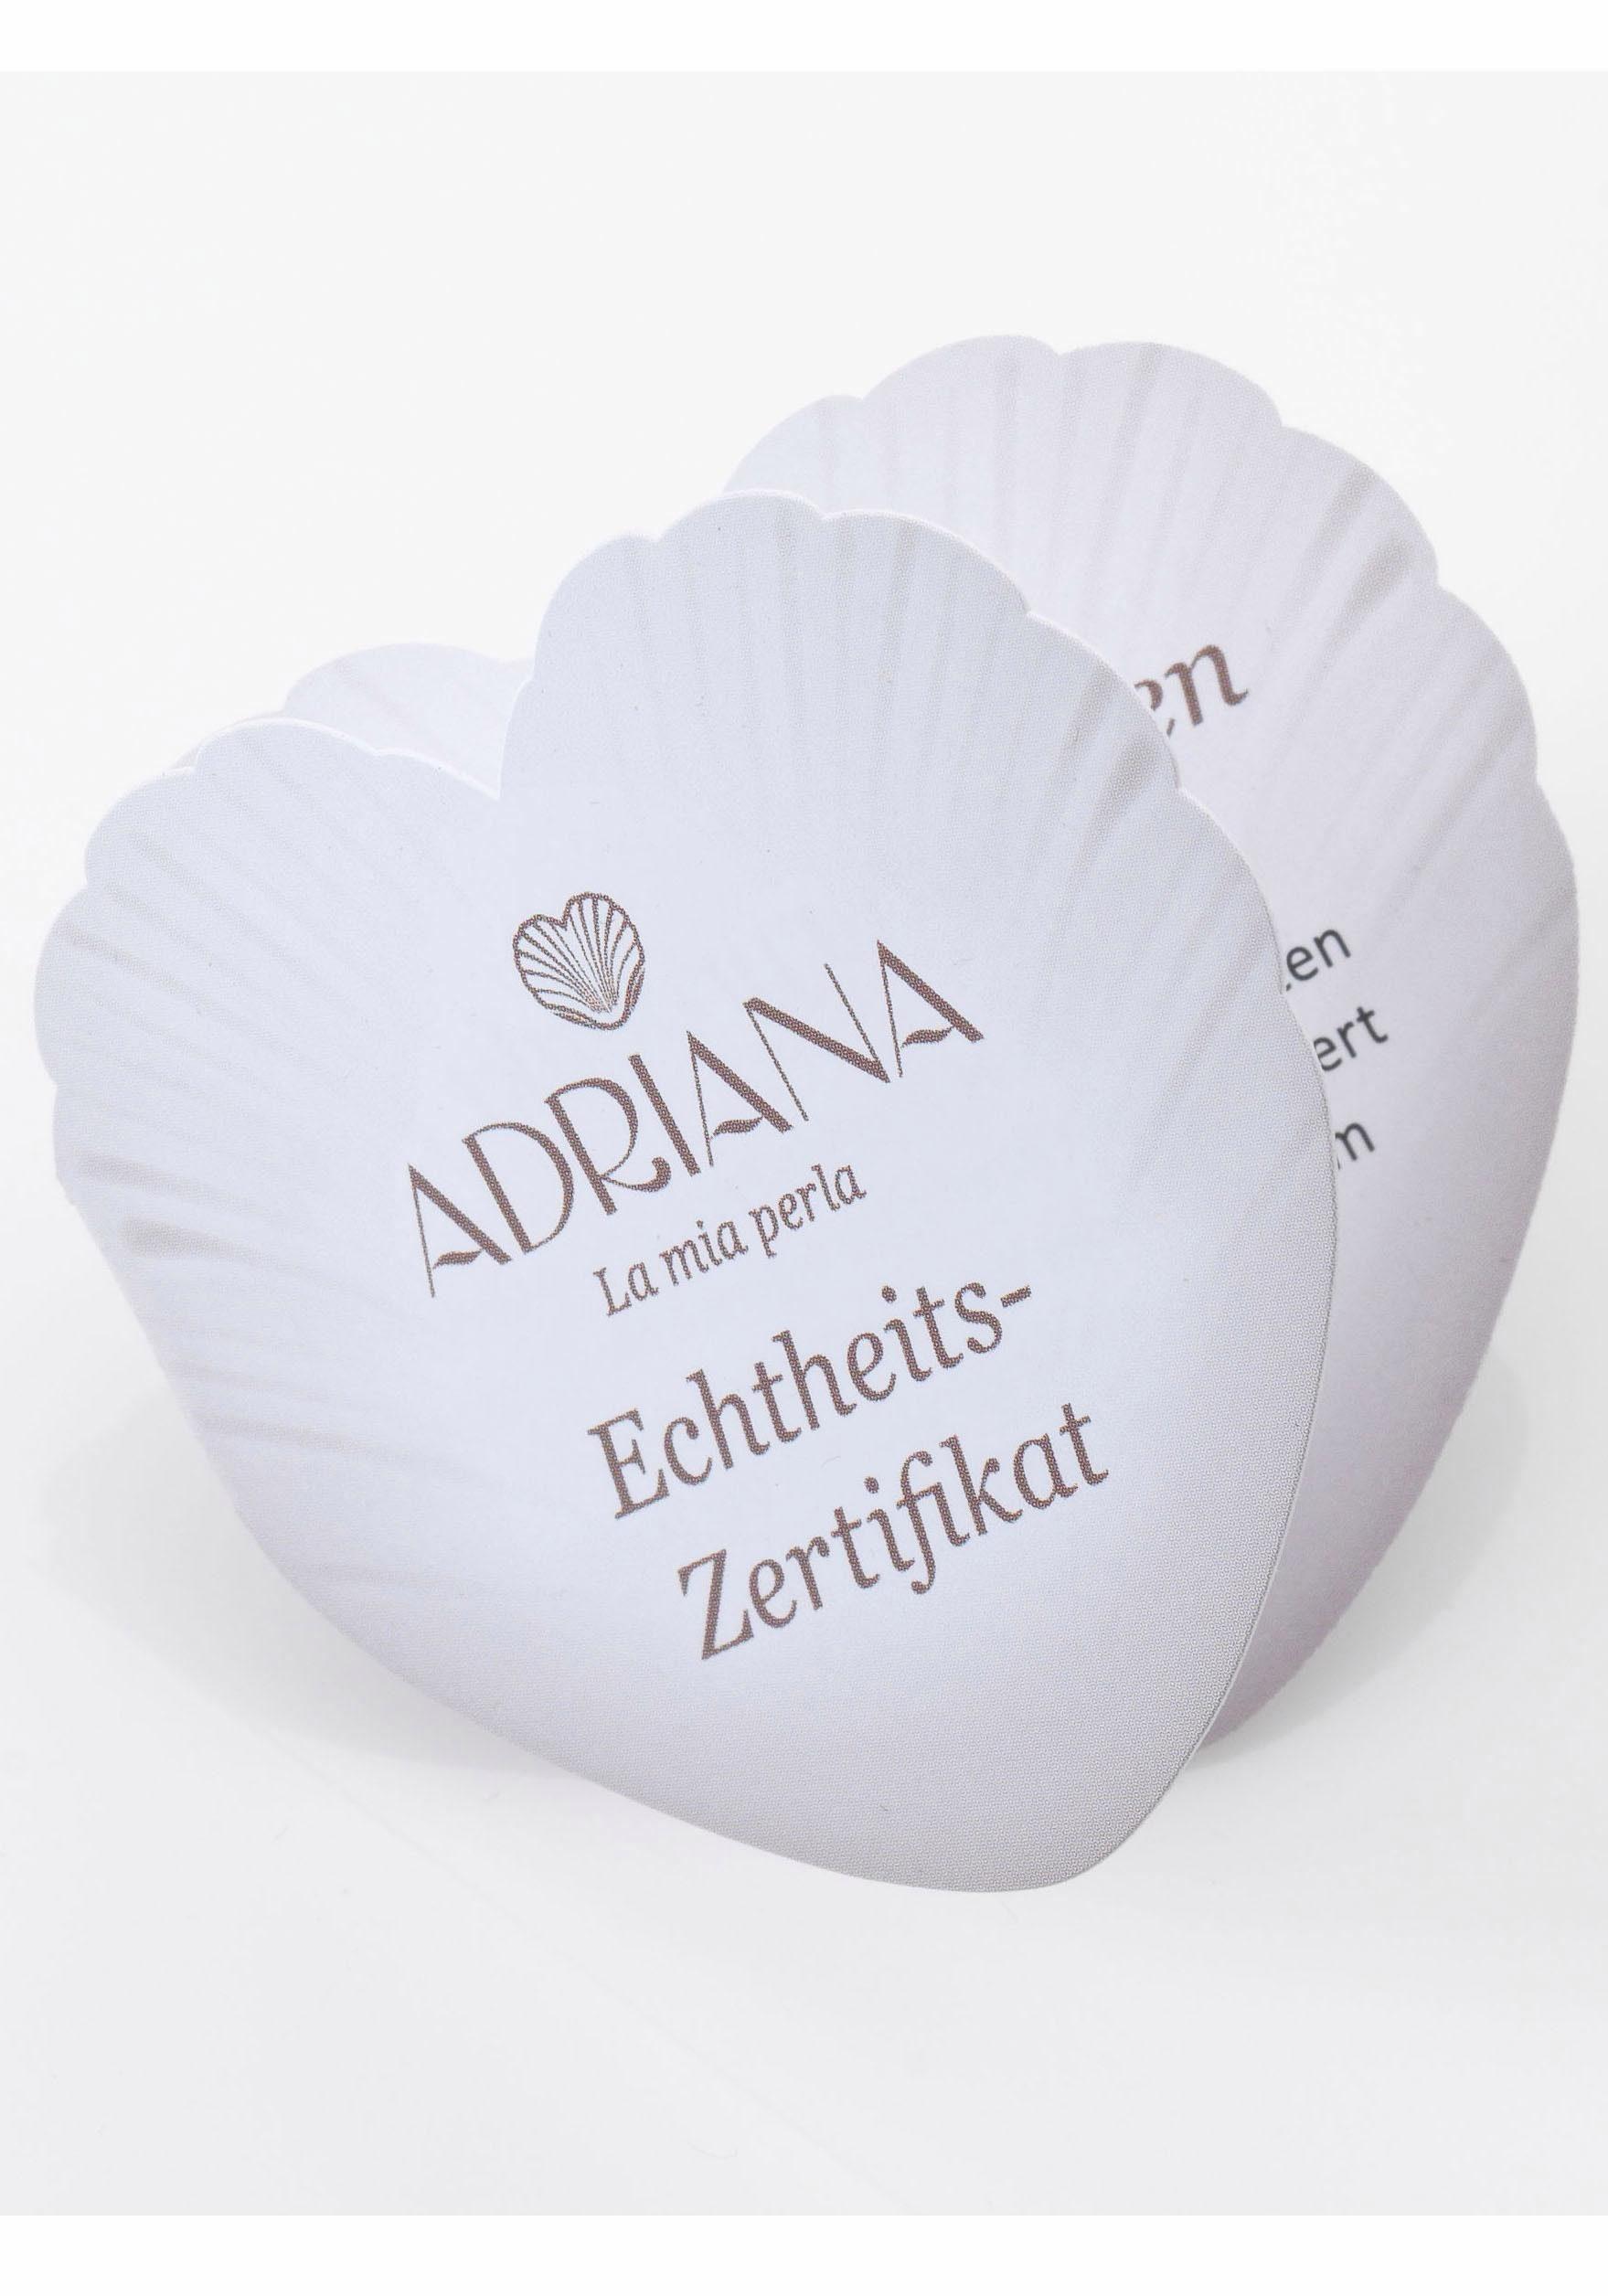 PerlaHerzA1« Kaufen Perlenarmband Mia Mit Online Adriana »la Süßwasserzuchtperlen 0O8Nnwvm